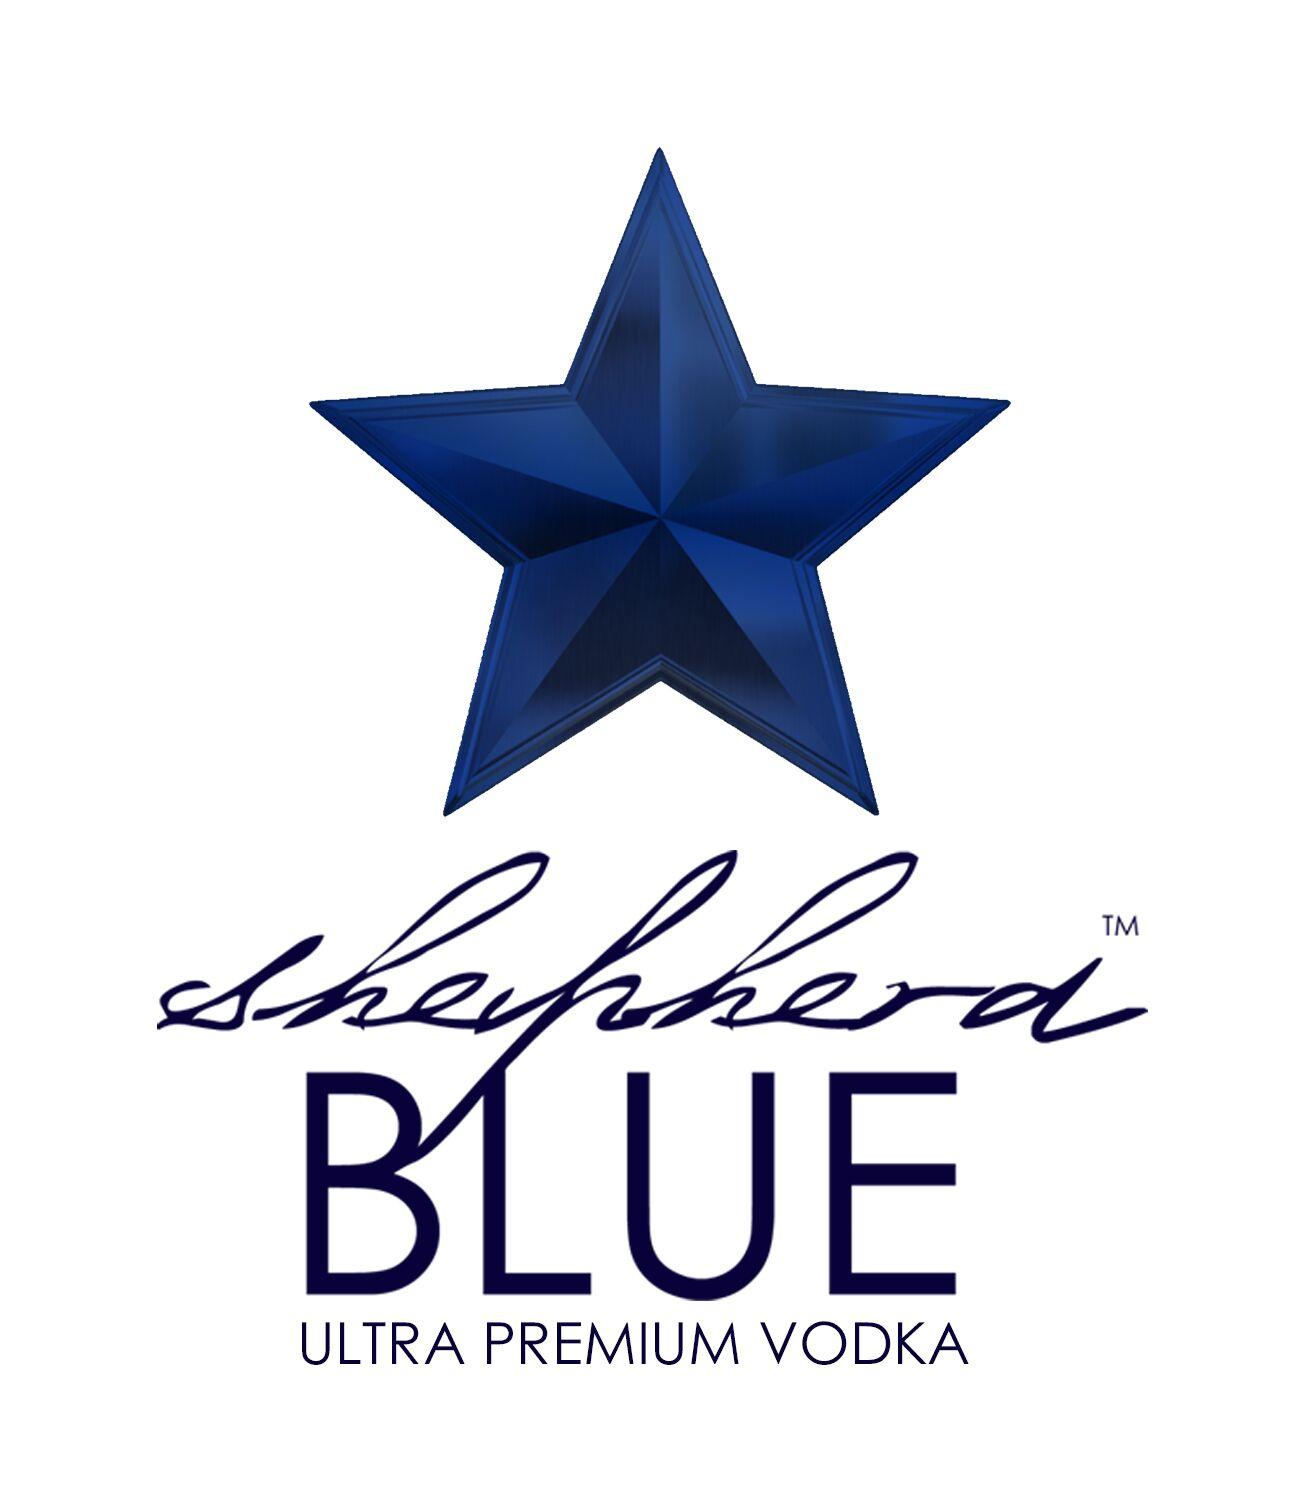 Blue Shepherd Vodka Enters Market With New Premium Concept